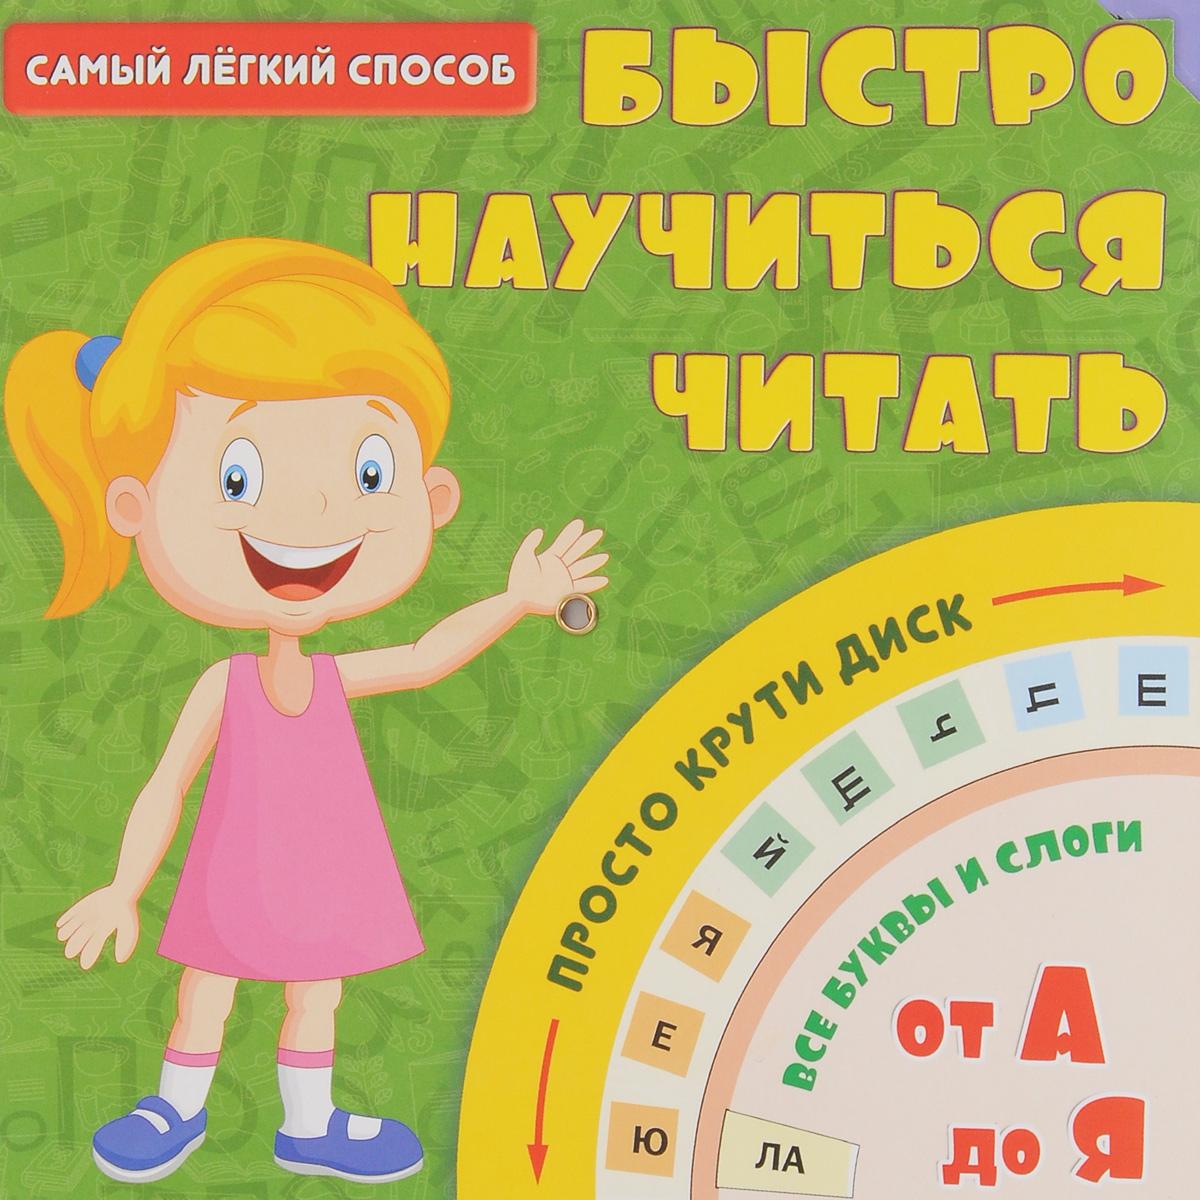 Самый легкий способ быстро научиться читать12296407Эта книга-тренажёр - оригинальный способ научить ребёнка читать. В ней воплощён принцип от буквы к слогу, от слога к слову. Необычная форма - крутящиеся диски с окошечками - и игровая подача материала надолго привлекут внимание малыша. Языковая игра, предлагаемая на последнем диске, расширит словарный запас малыша и привьёт интерес к русскому языку, покажет богатство его лексики.